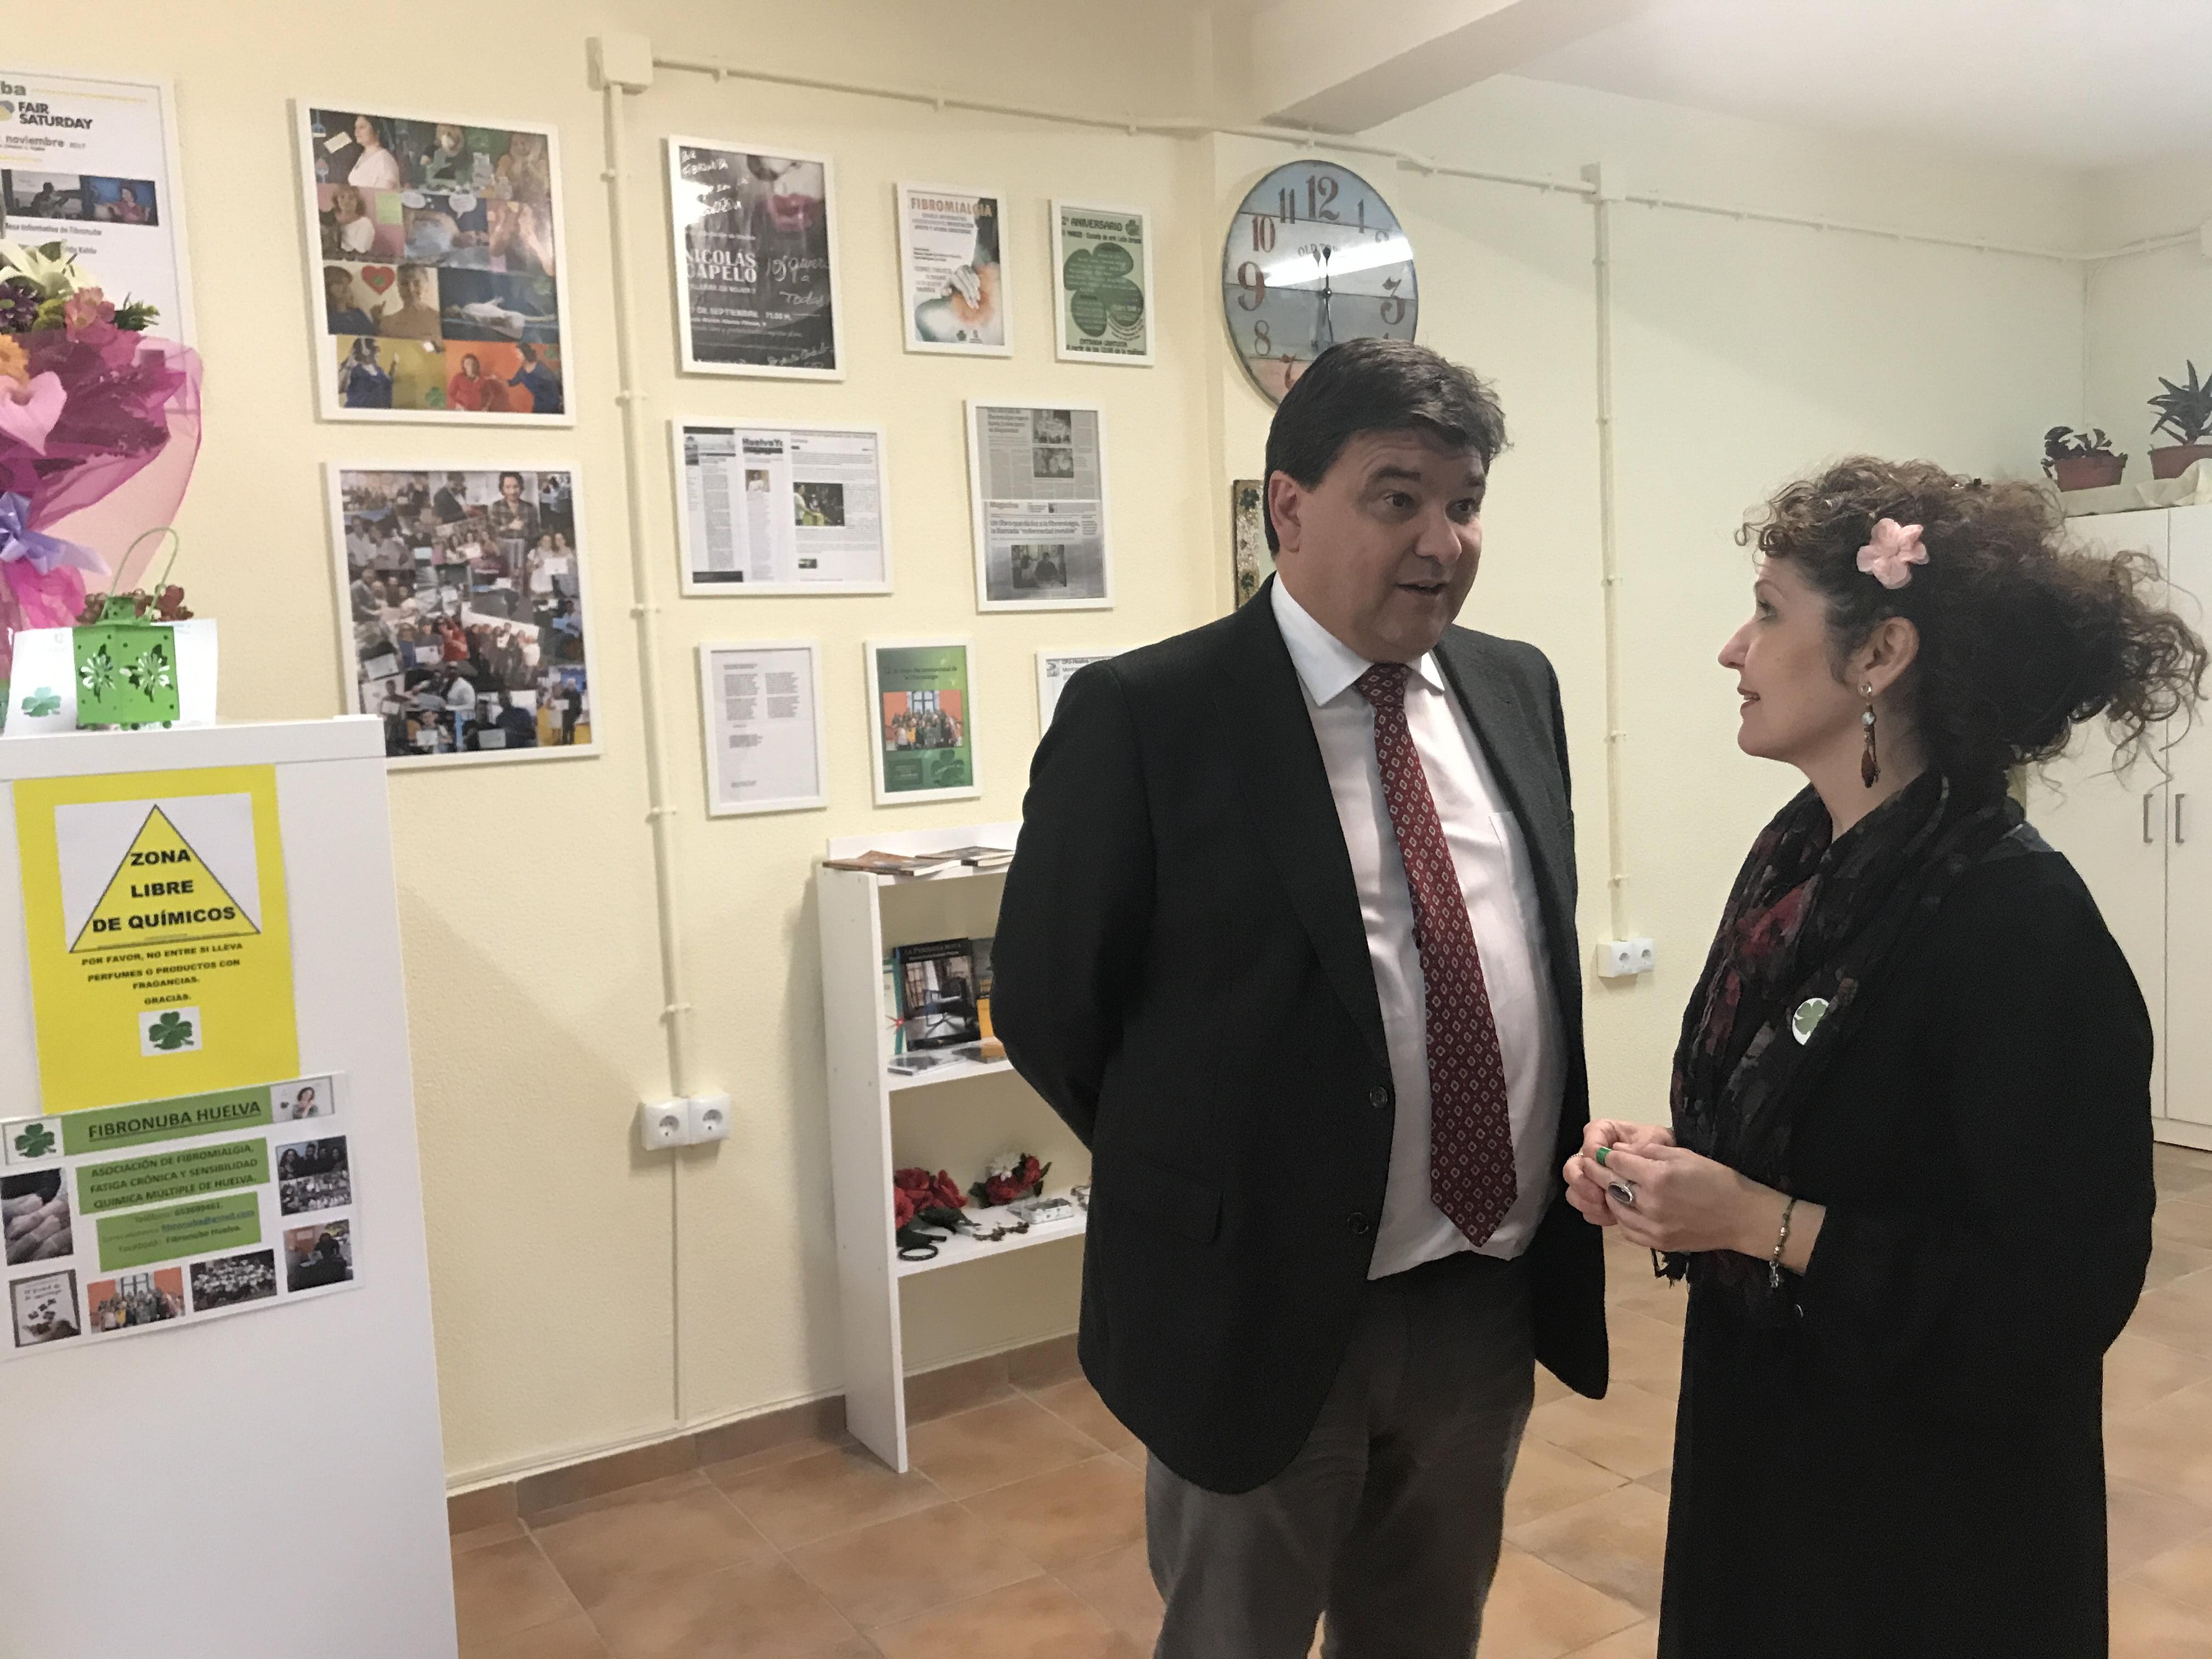 La presidenta de FibrOnuba conversa con el alcalde de Huelva